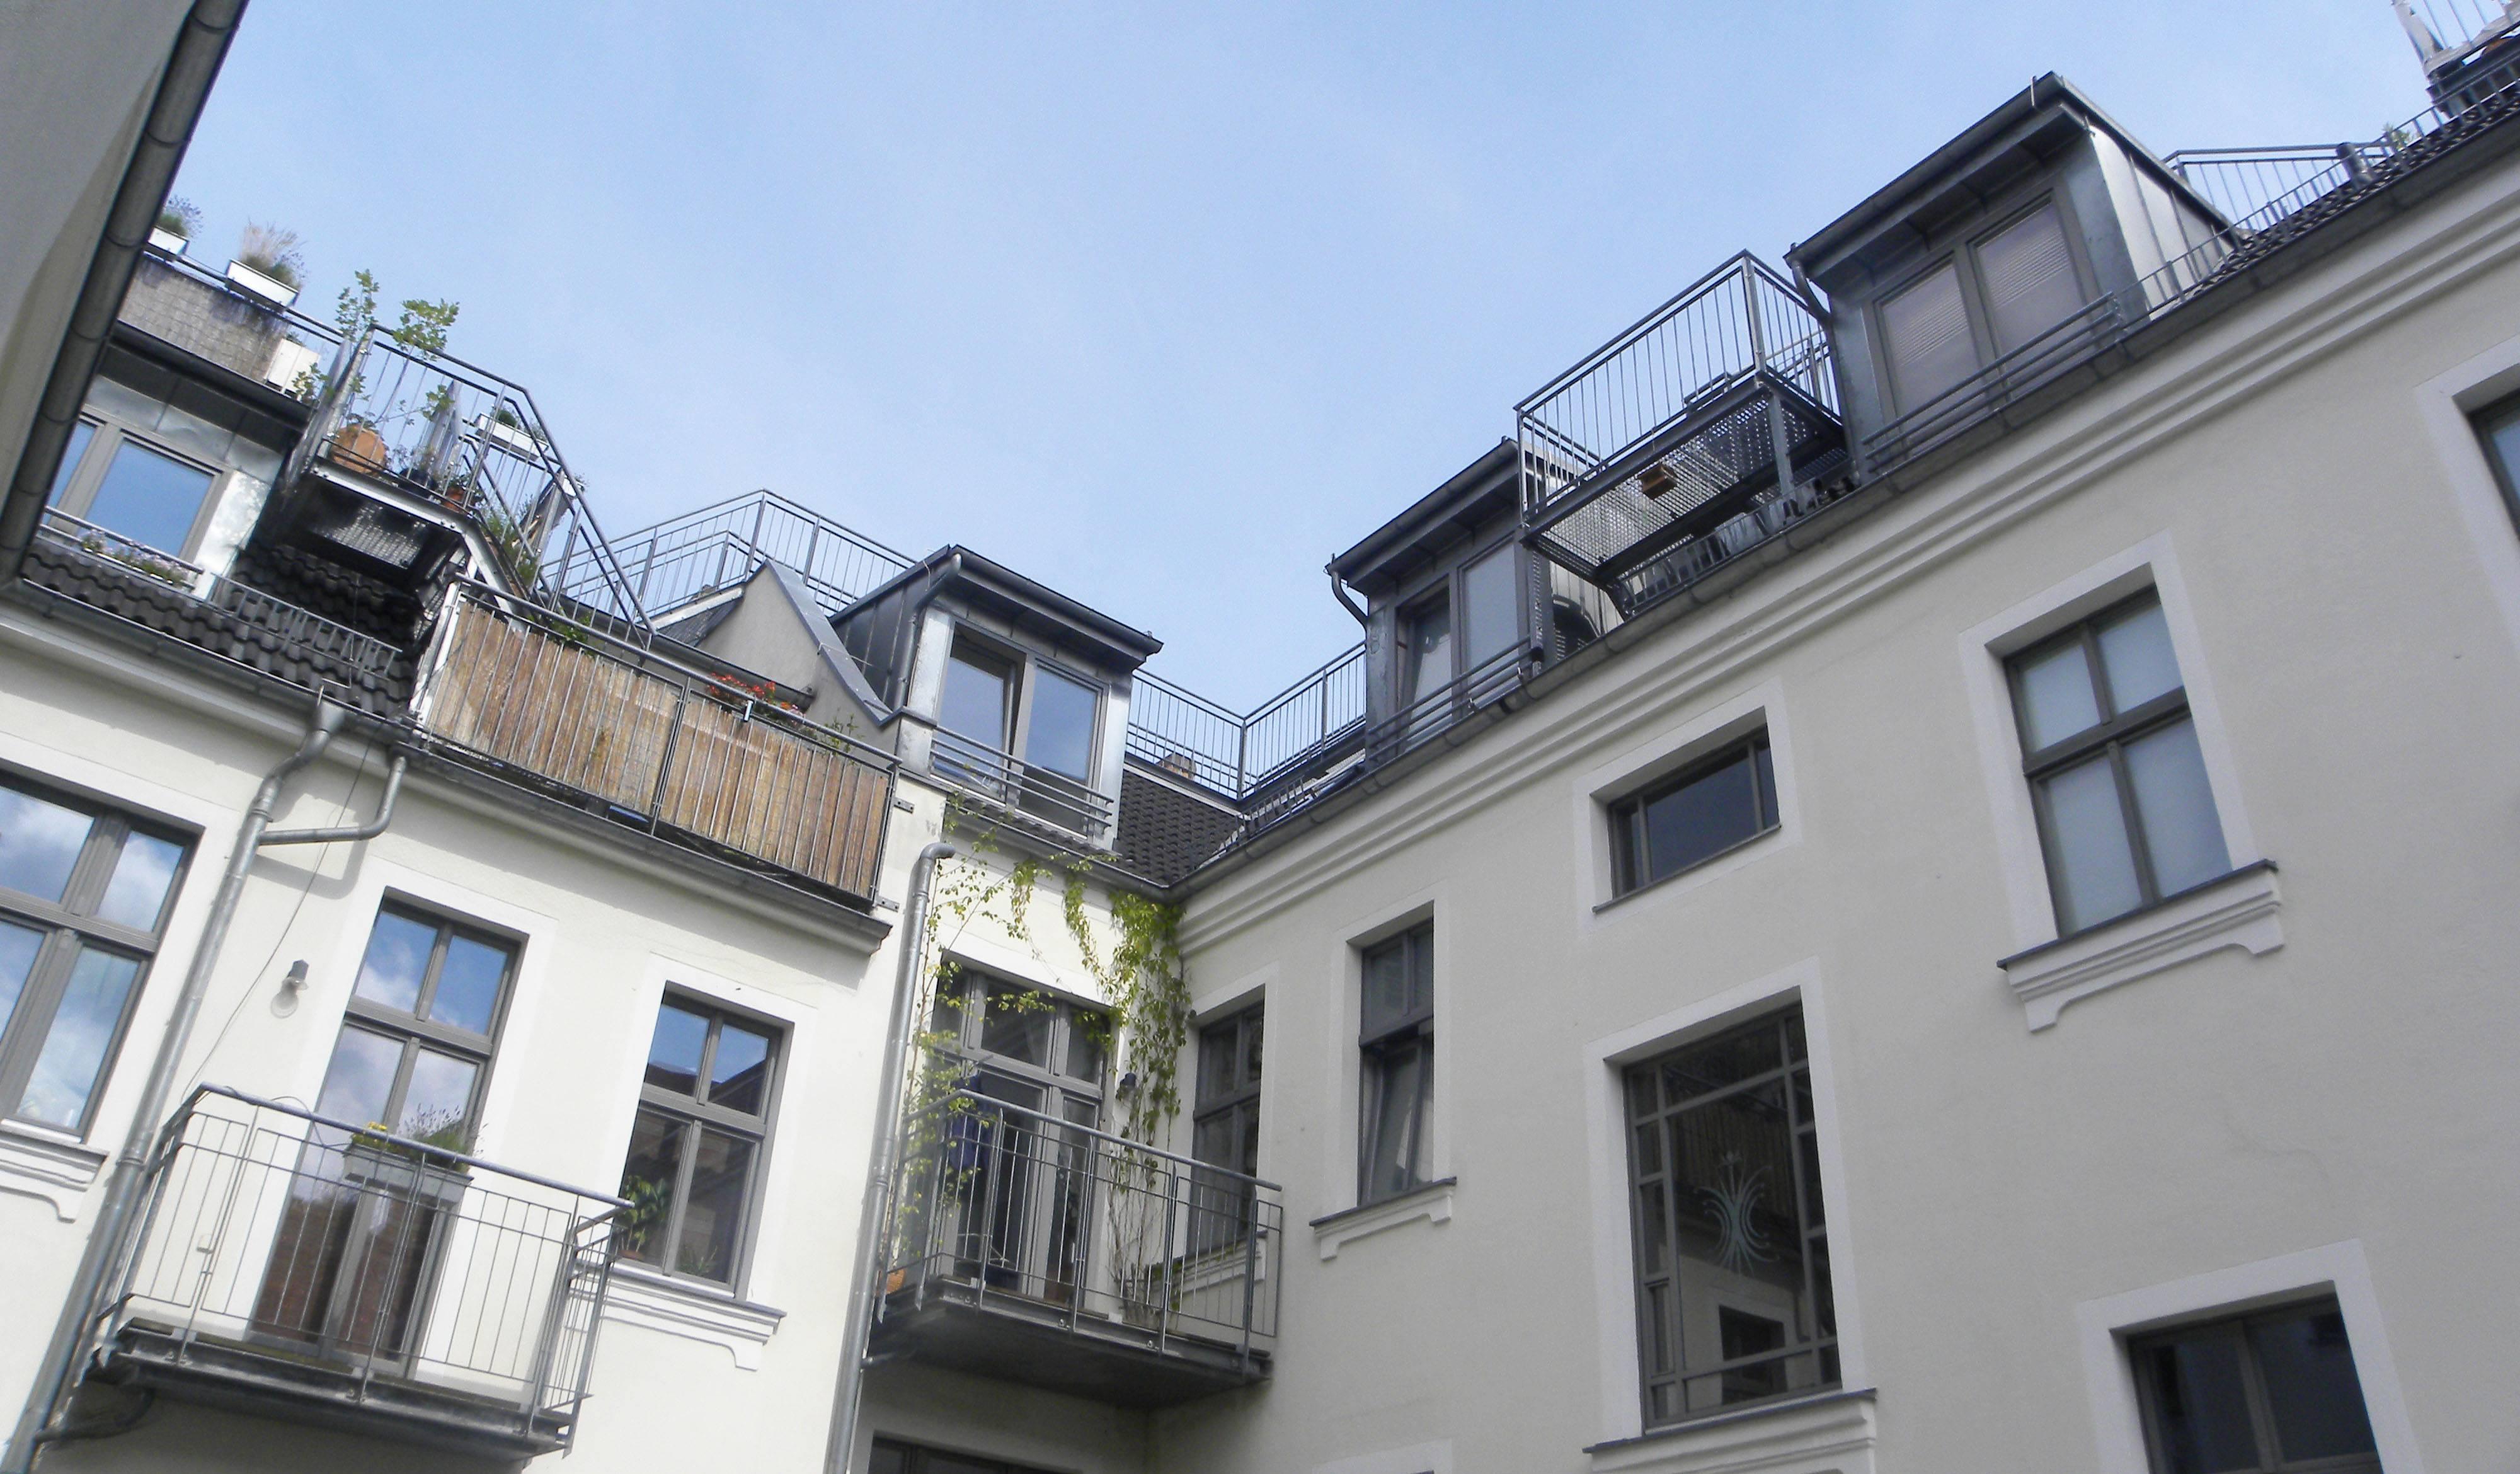 Berlin (Allemagne), le 19 juin. Vue sur les terrasses aménagées sur le toit.